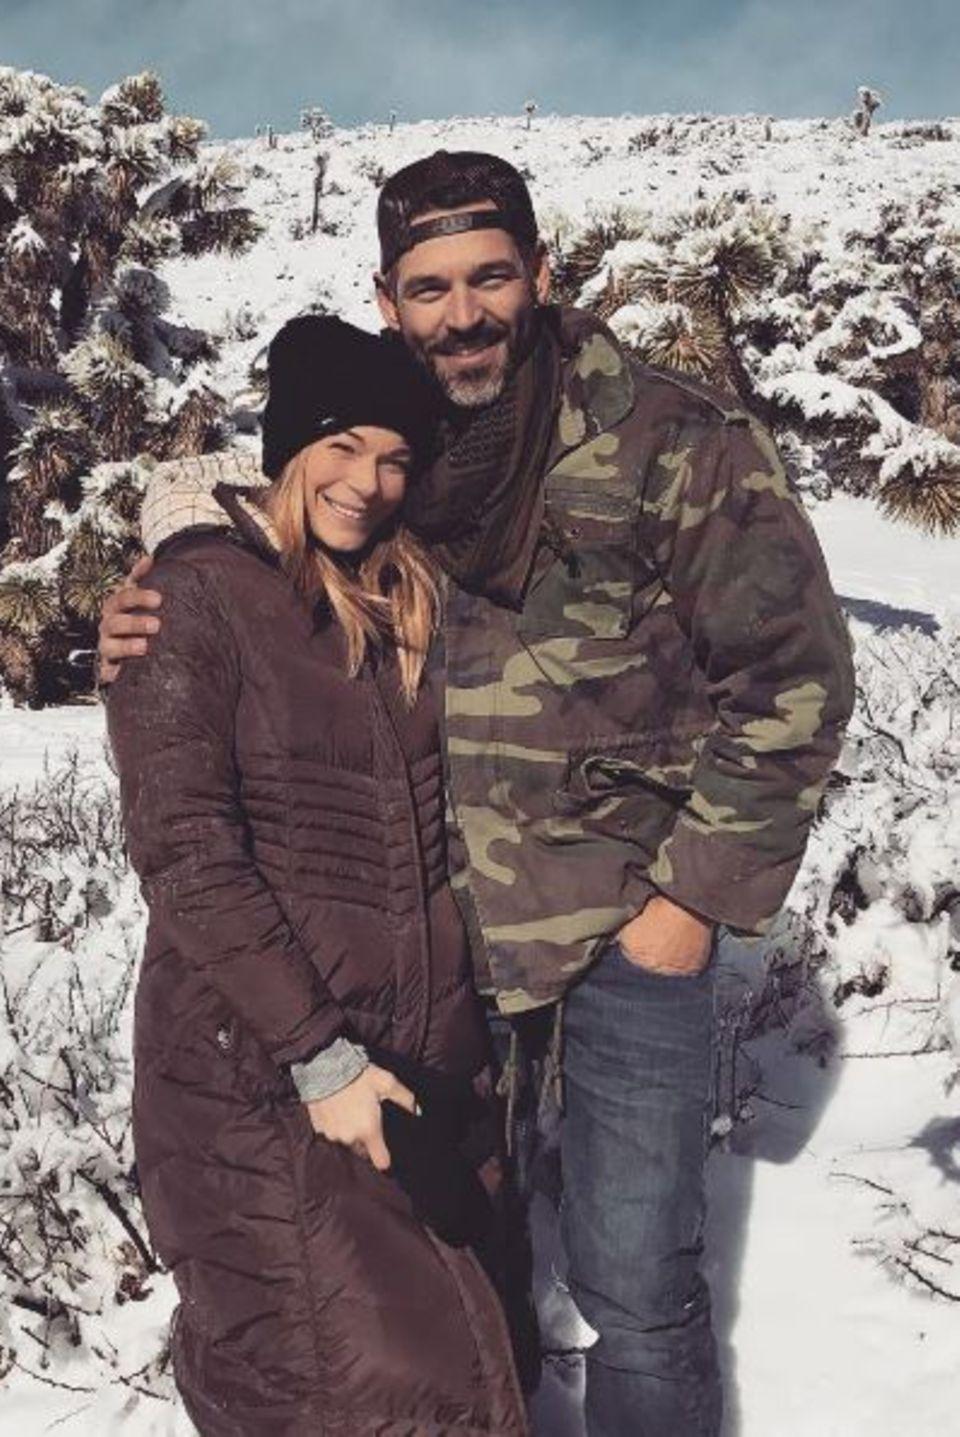 """""""Snow Bunnies"""" - postet LeAnn Rimes zu dem Foto von ihr und Eddie Cibrian. Das Paar genießt den freien schneeweißen Neujahrstag."""